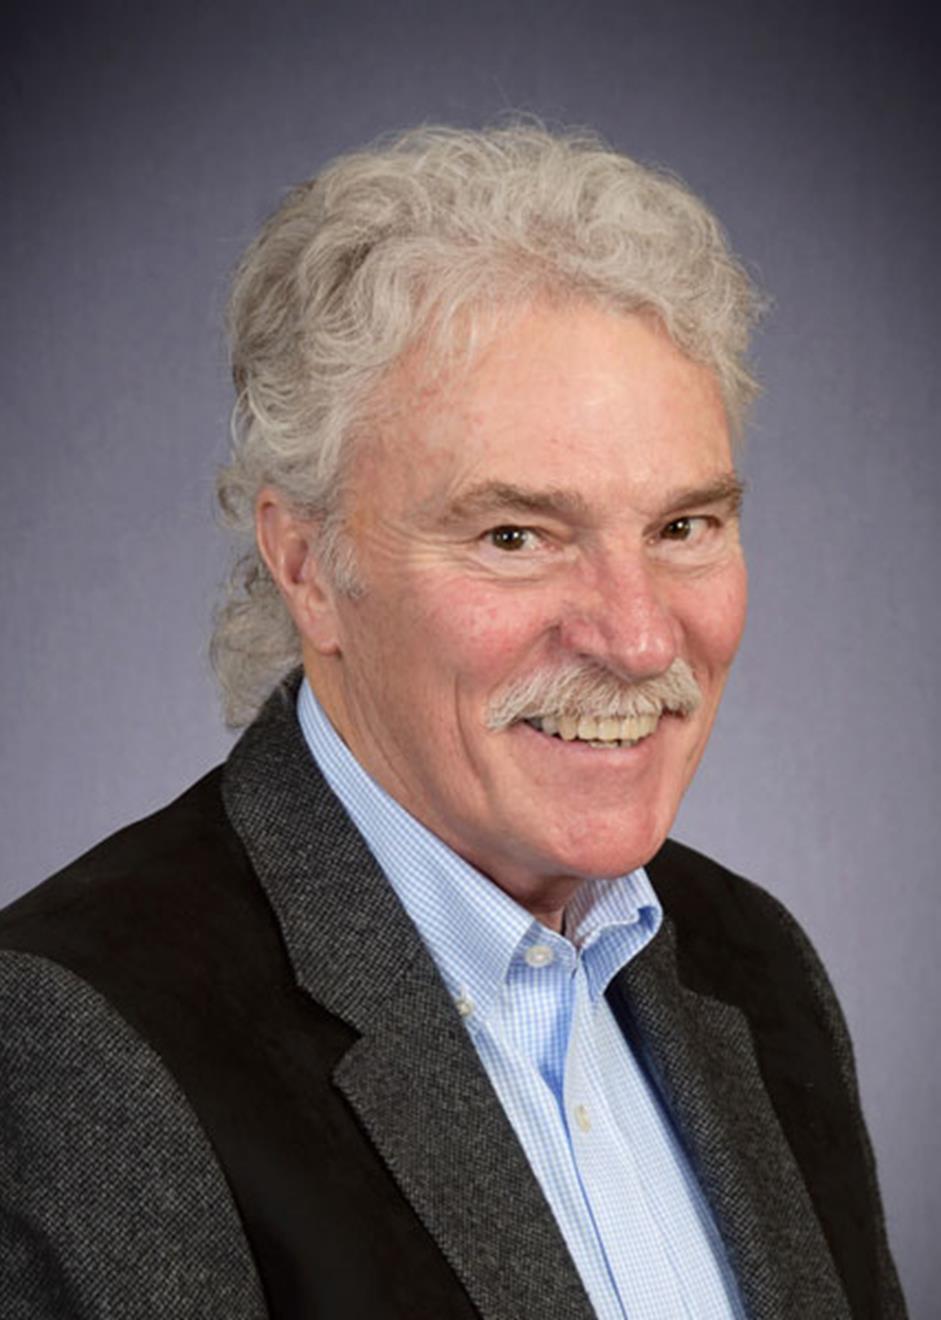 Hart Morris